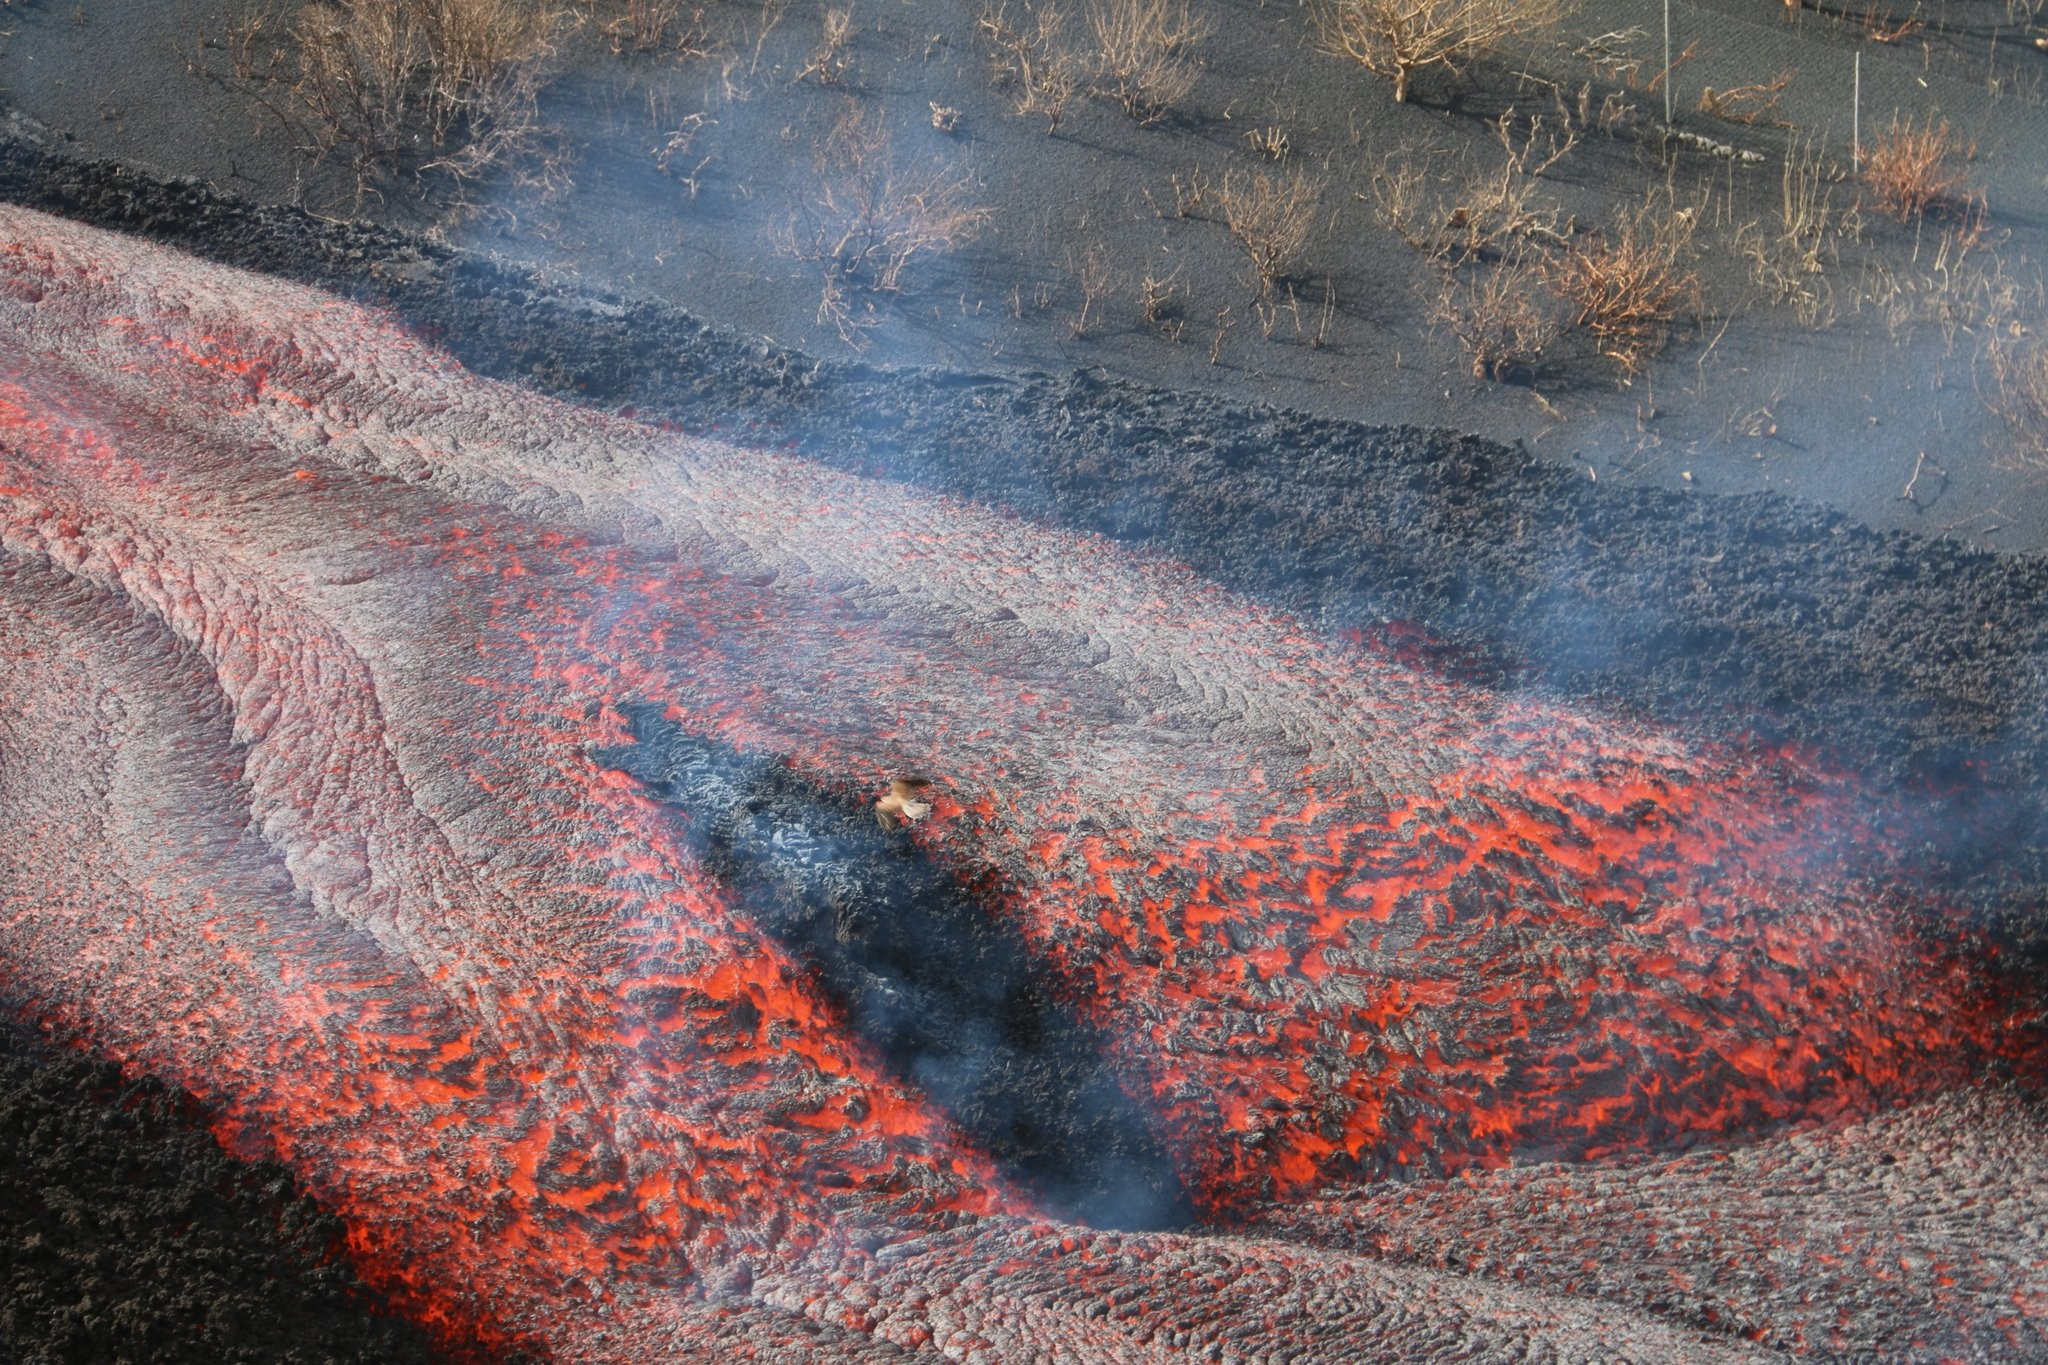 Volcán Cumbre Vieja en España expulsa nueva colada de lava sobre la isla.